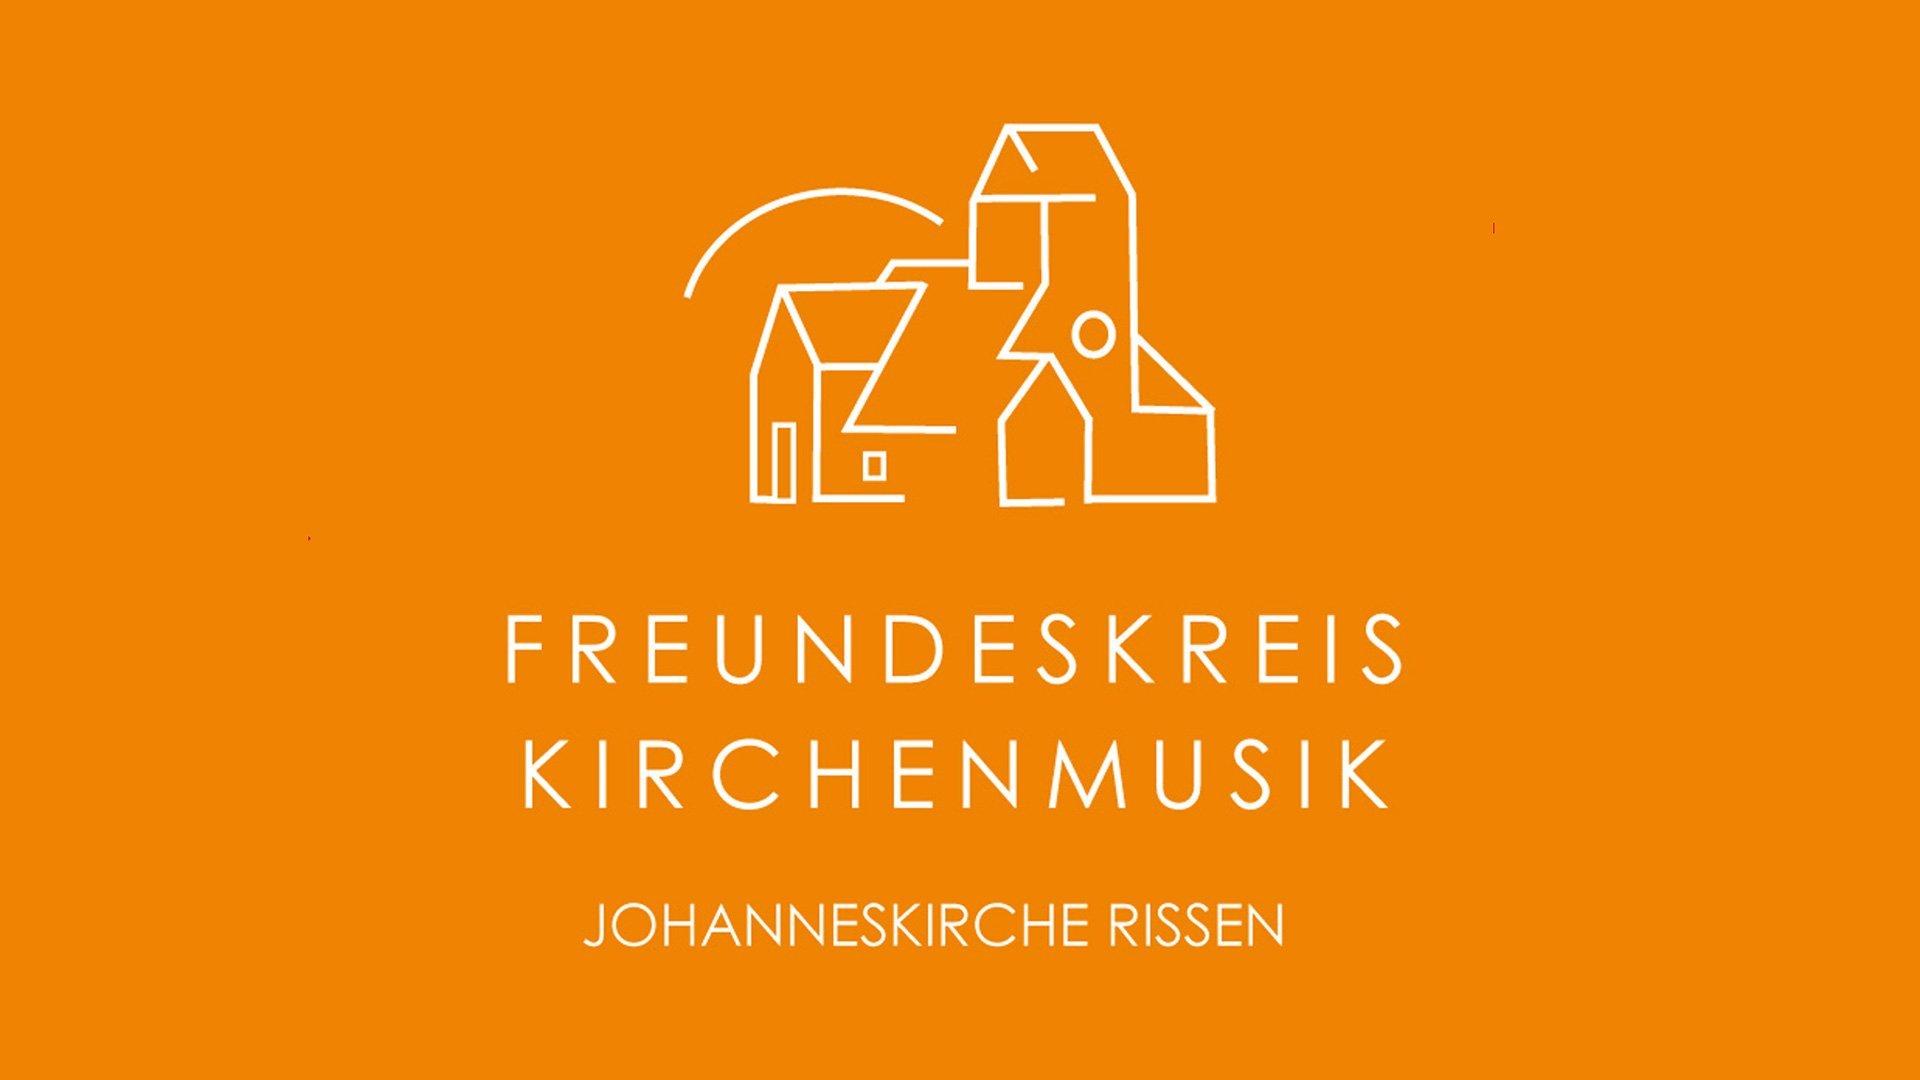 Freundeskreis der Kirchenmusik